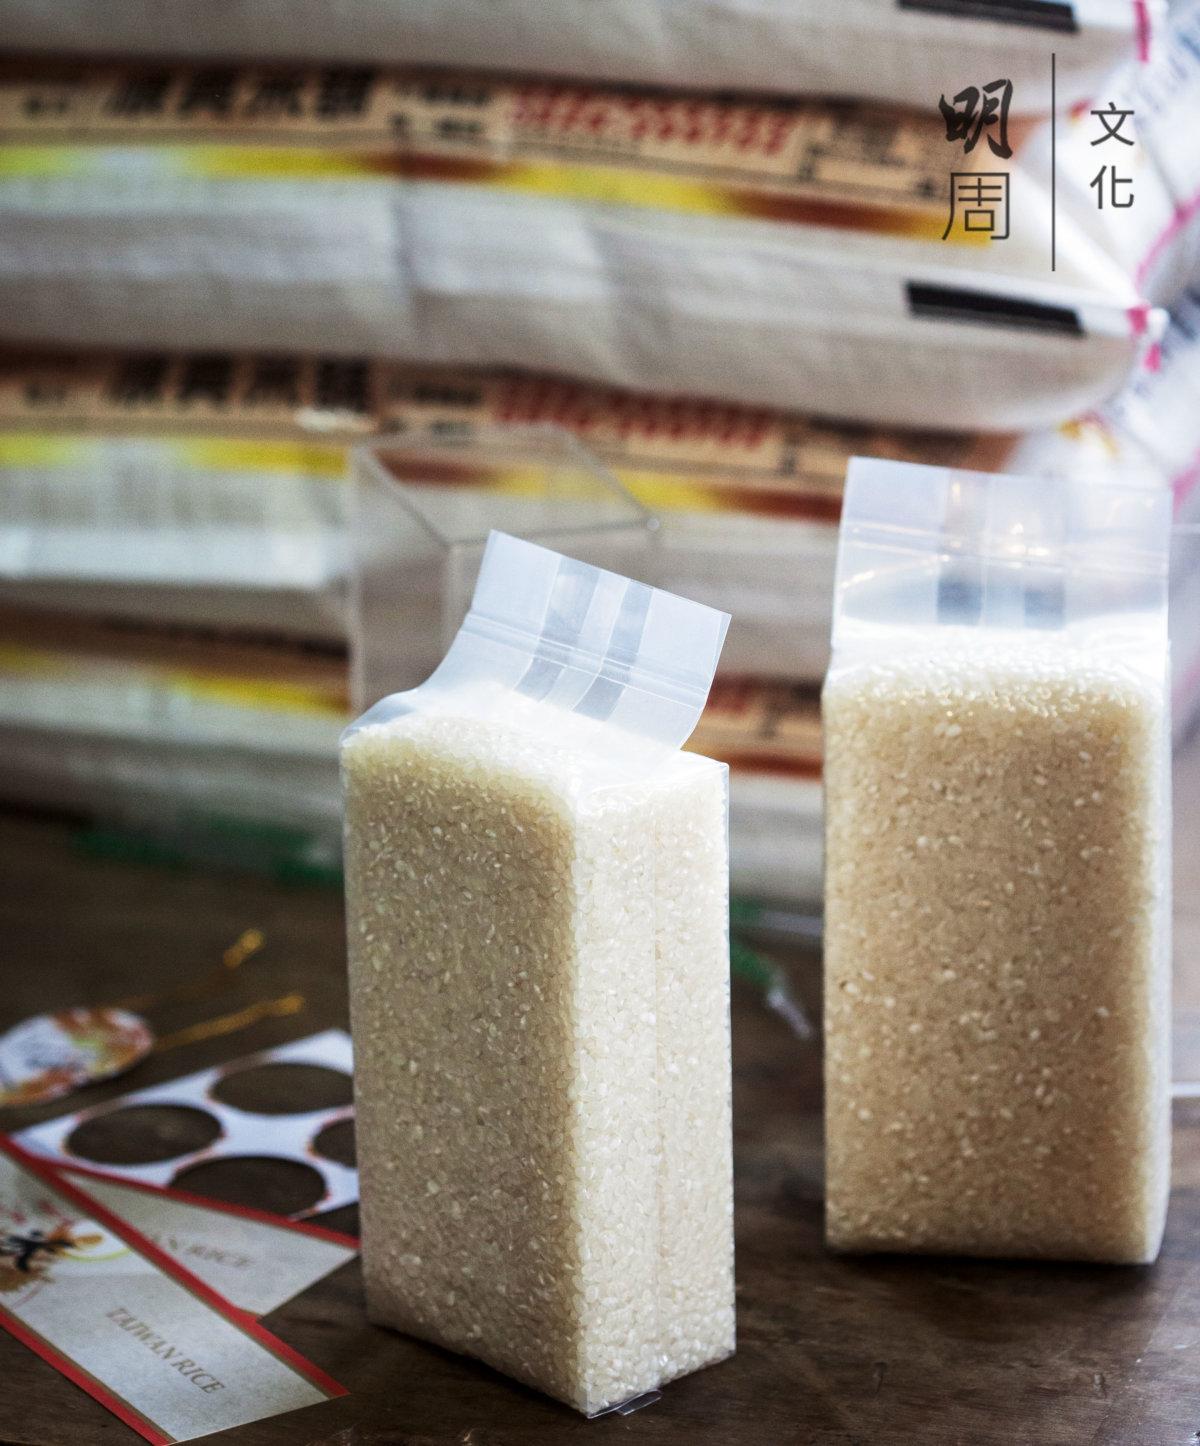 賴美蘭說,穀子捧在手裏,感到很幸福。 剛剛碾出來的米蹦蹦跳跳,白玉飽滿。 通過了檢驗和抽查,才被允許在家裏自行包裝,使用池上米的包裝公版。碾好的米立即包裝寄出。